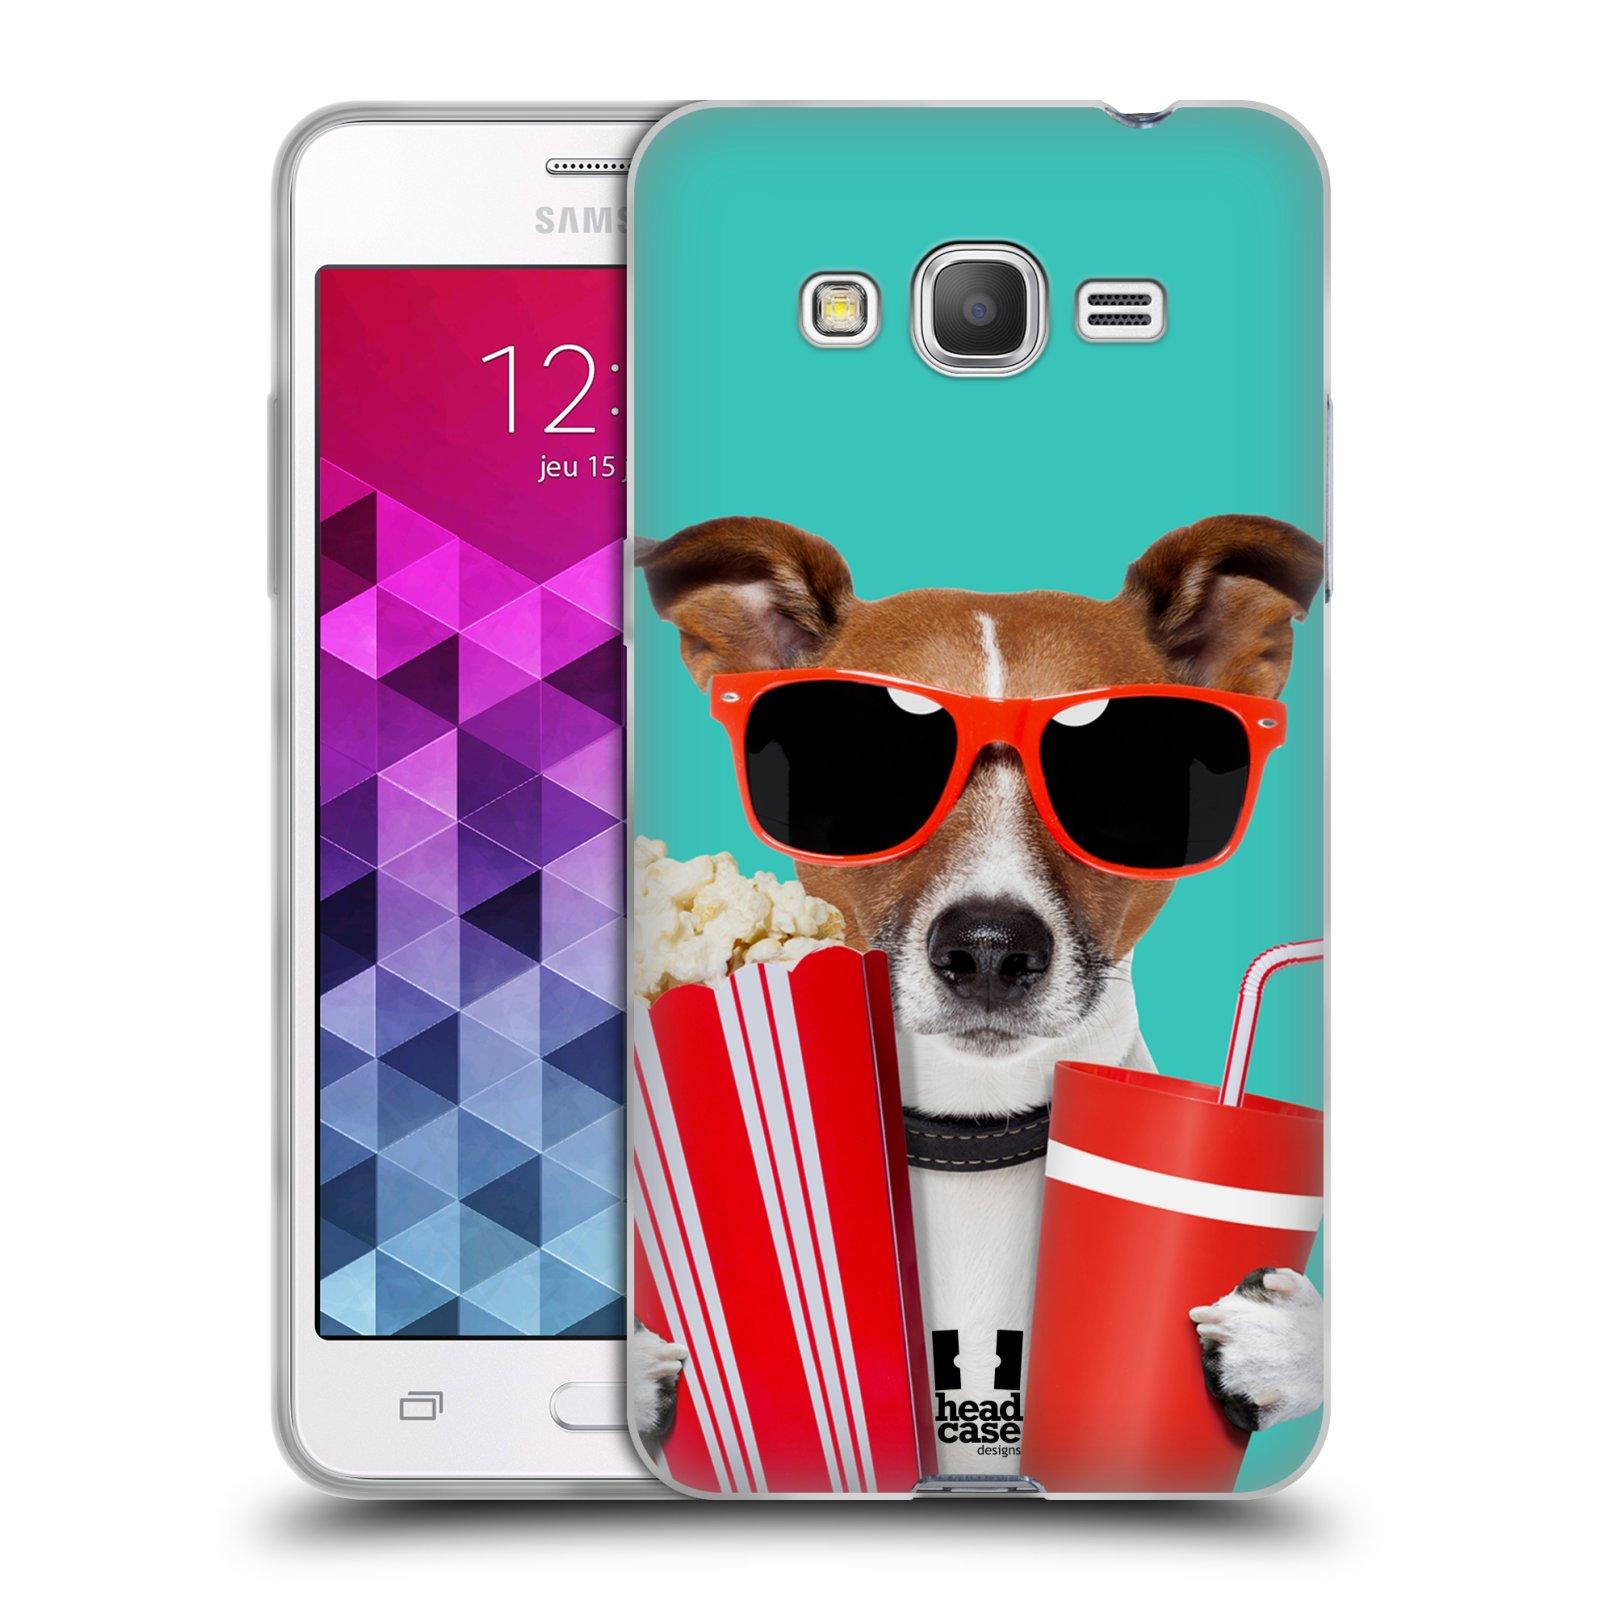 HEAD CASE silikonový obal na mobil Samsung Galaxy GRAND PRIME vzor Legrační zvířátka pejsek v kině s popkornem